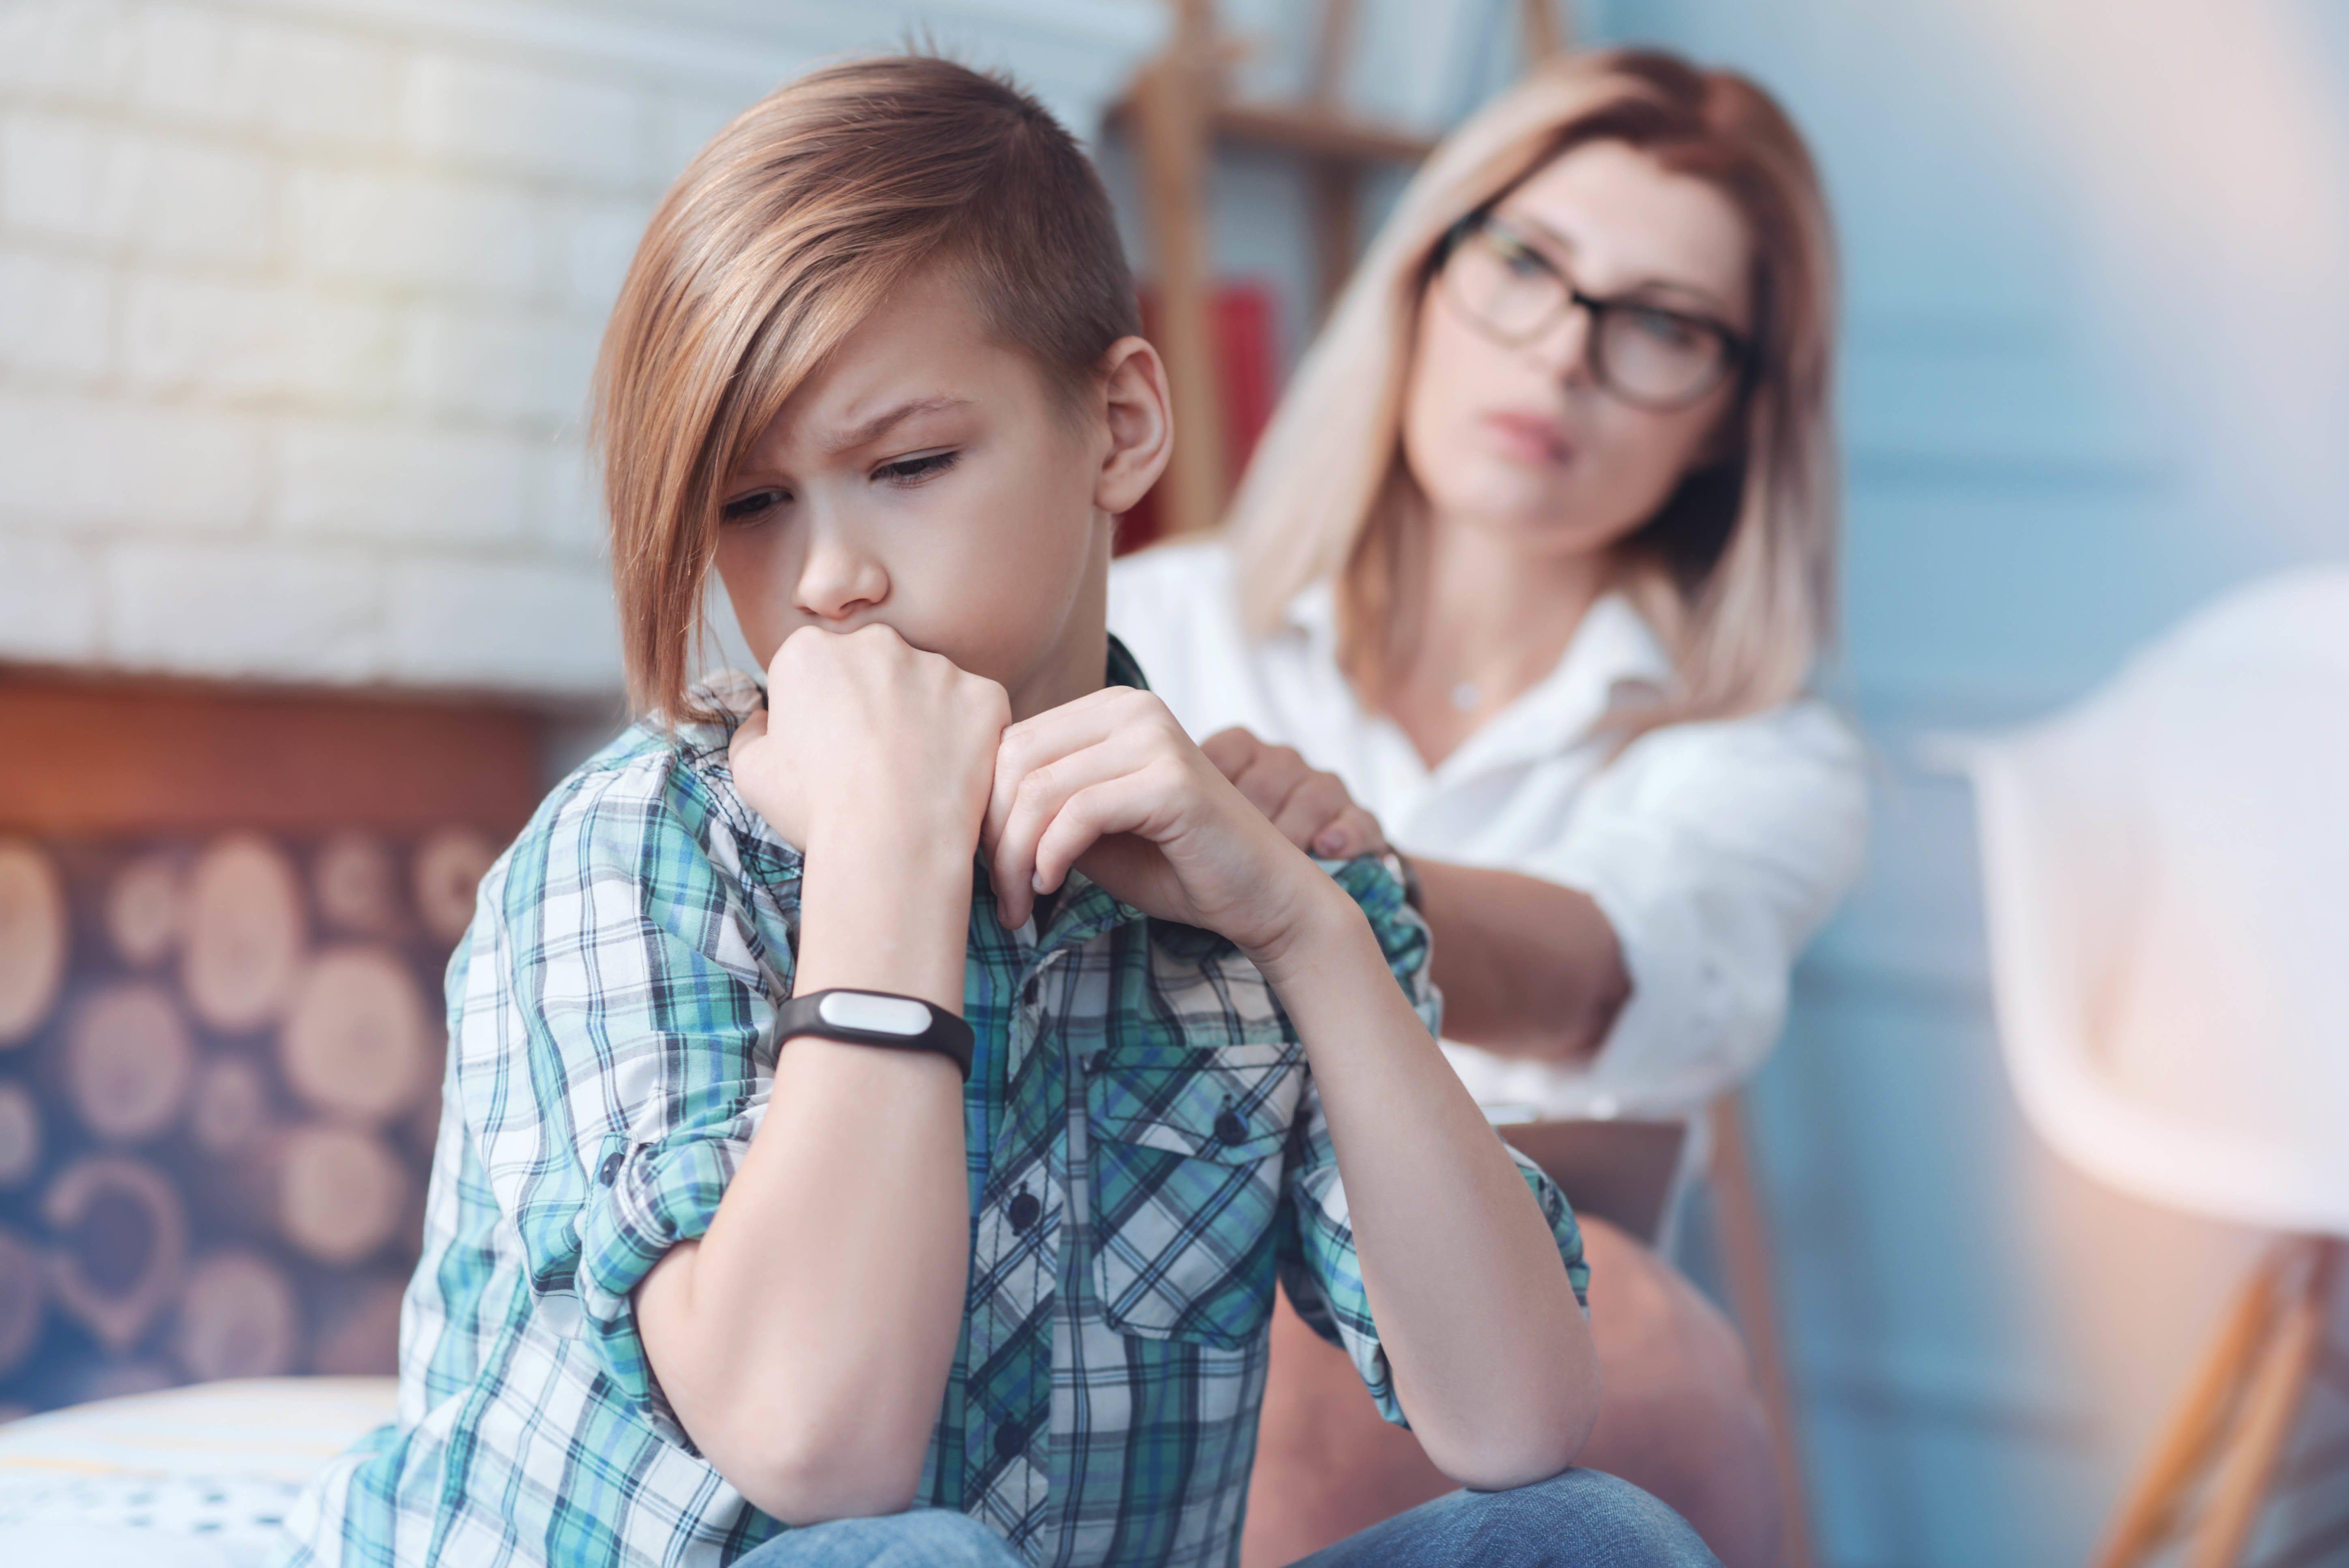 Подростковая депрессия - причины, симптомы, способы лечения